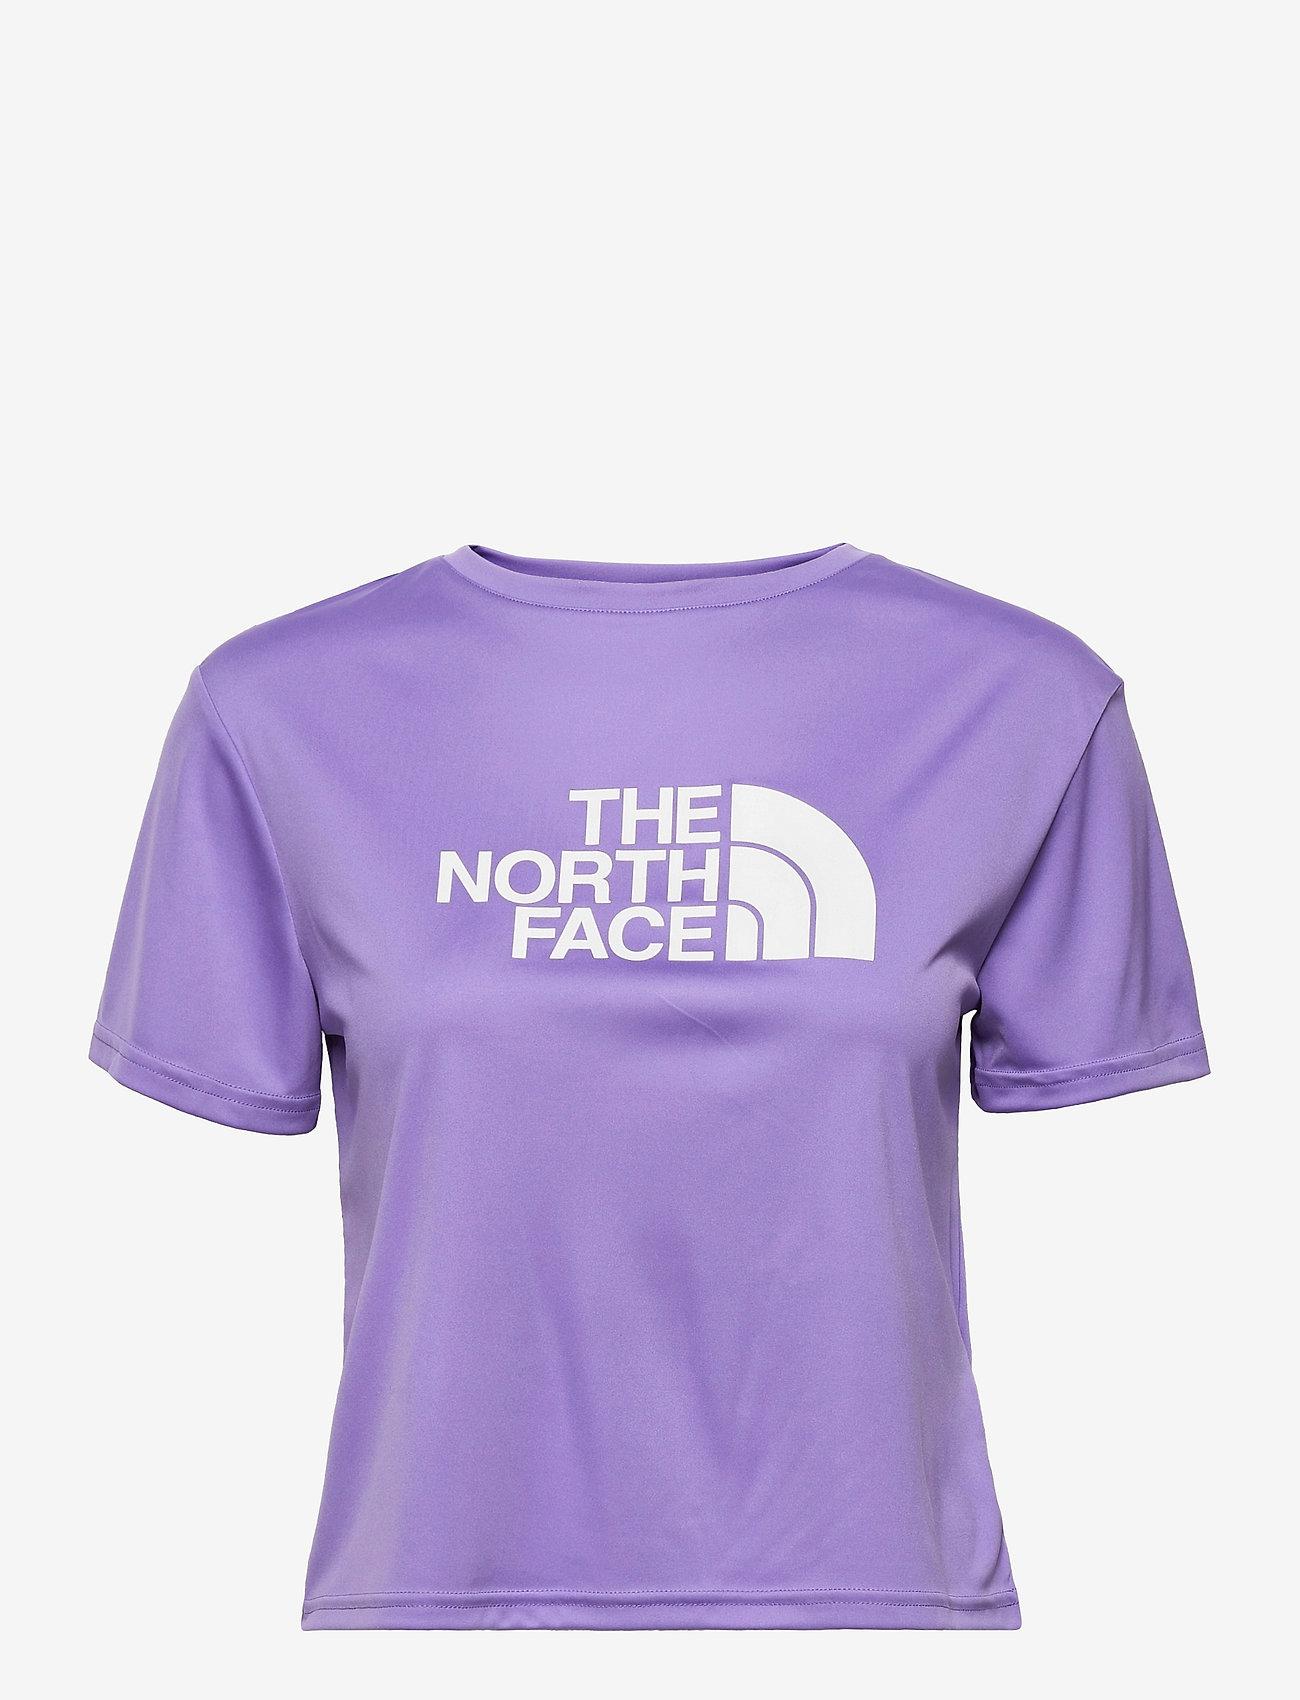 The North Face - W MA TEE - EU - t-shirts - pop purple - 0